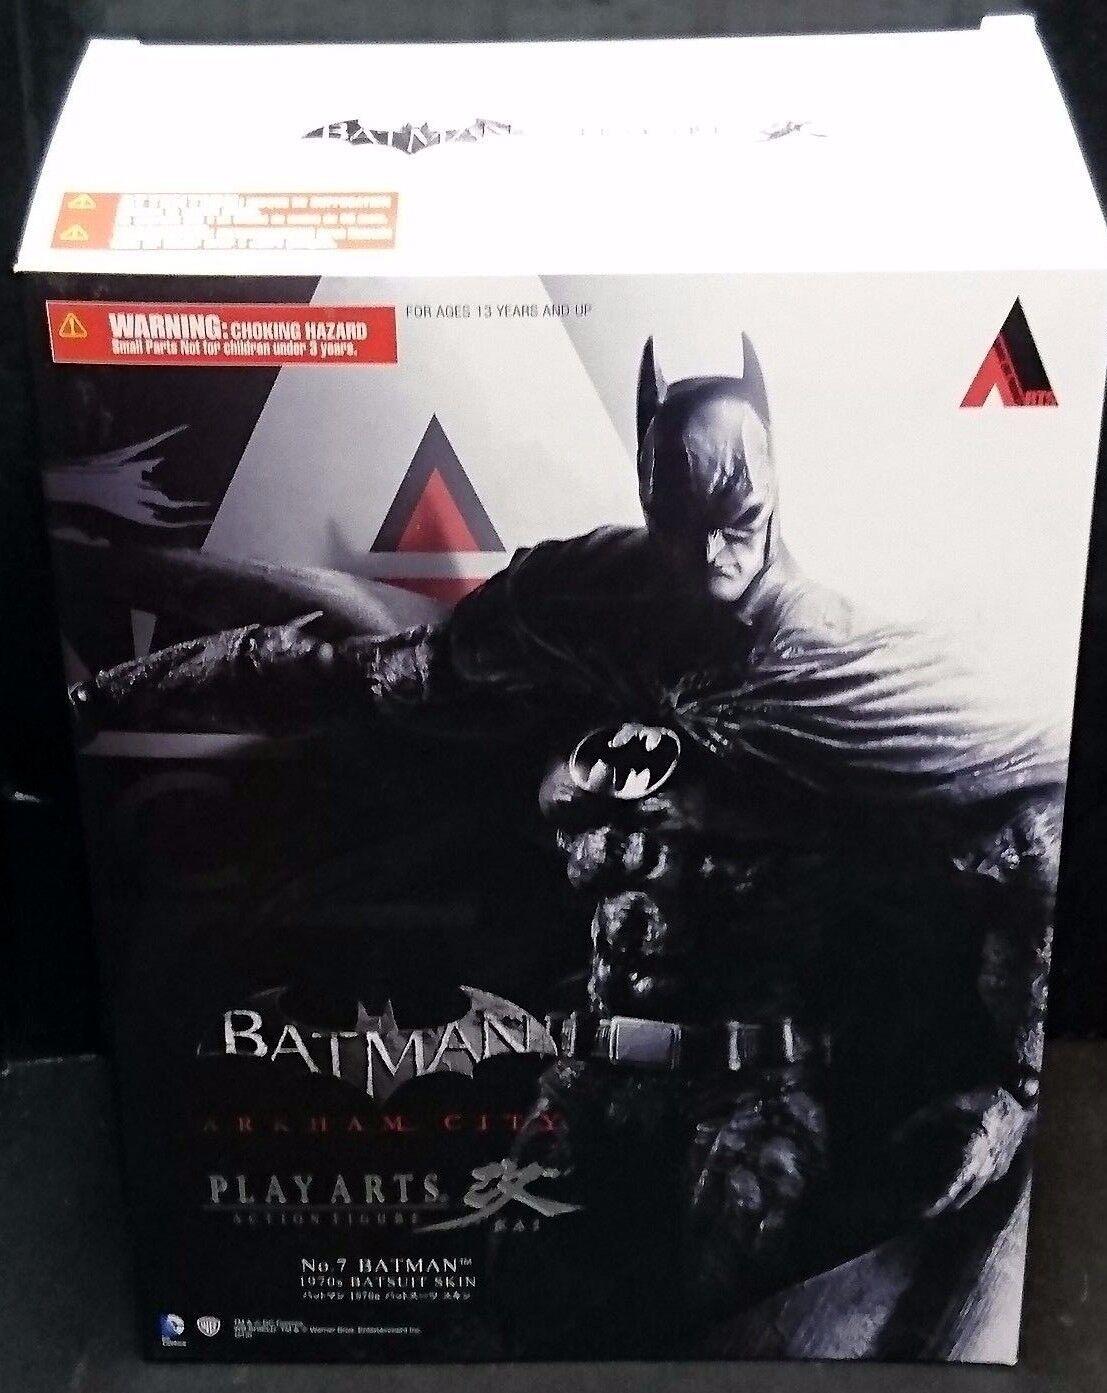 online barato Jugar Arts Kai Batman Figura Arkham City 9 9 9  23cm  nuevo  No.7 década de 1970 armado de la piel  estilo clásico